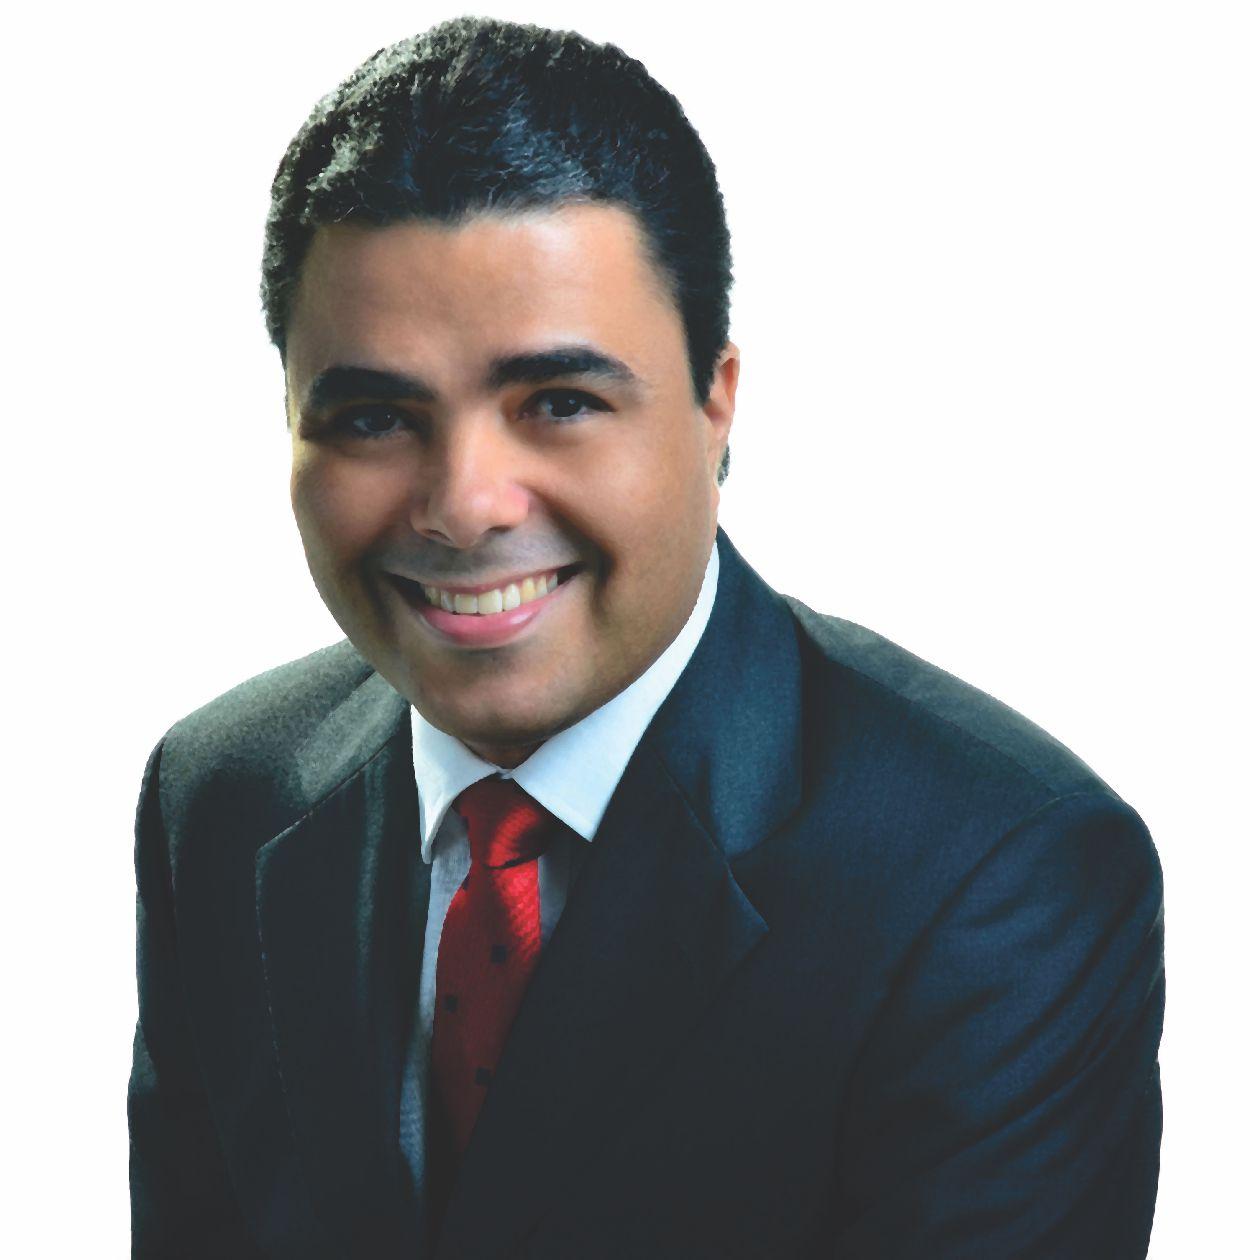 Dr. Luciano Castellucci